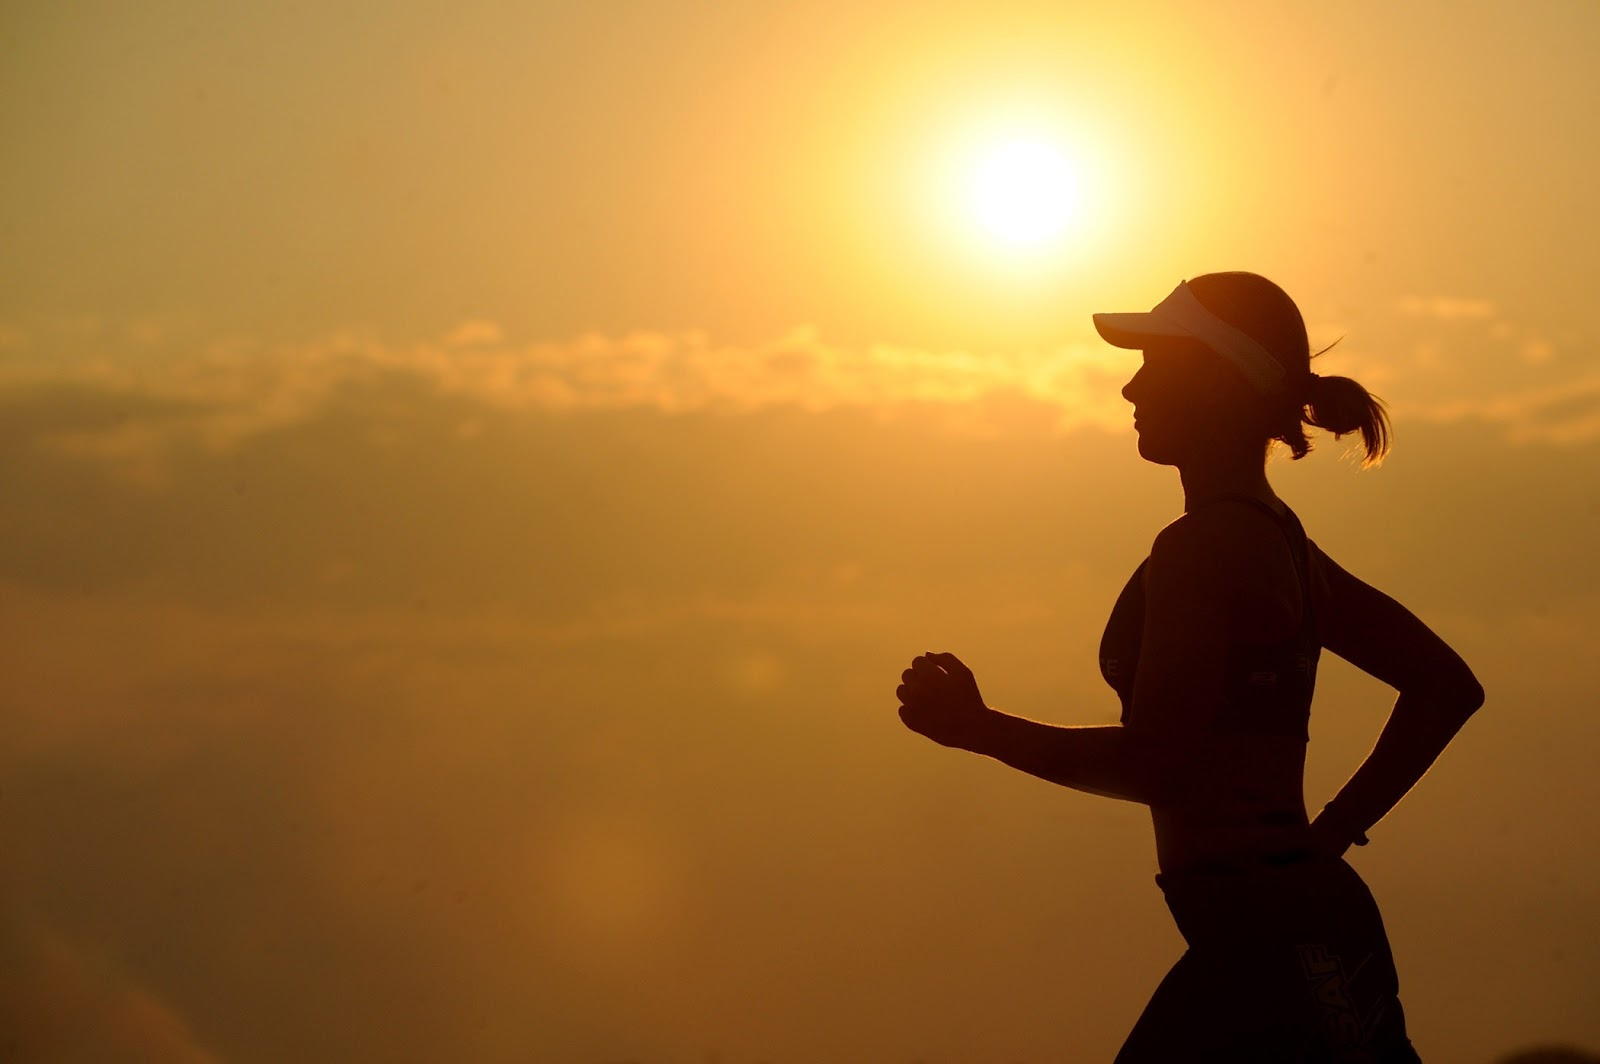 Run in The Winter Sun - Runners Need